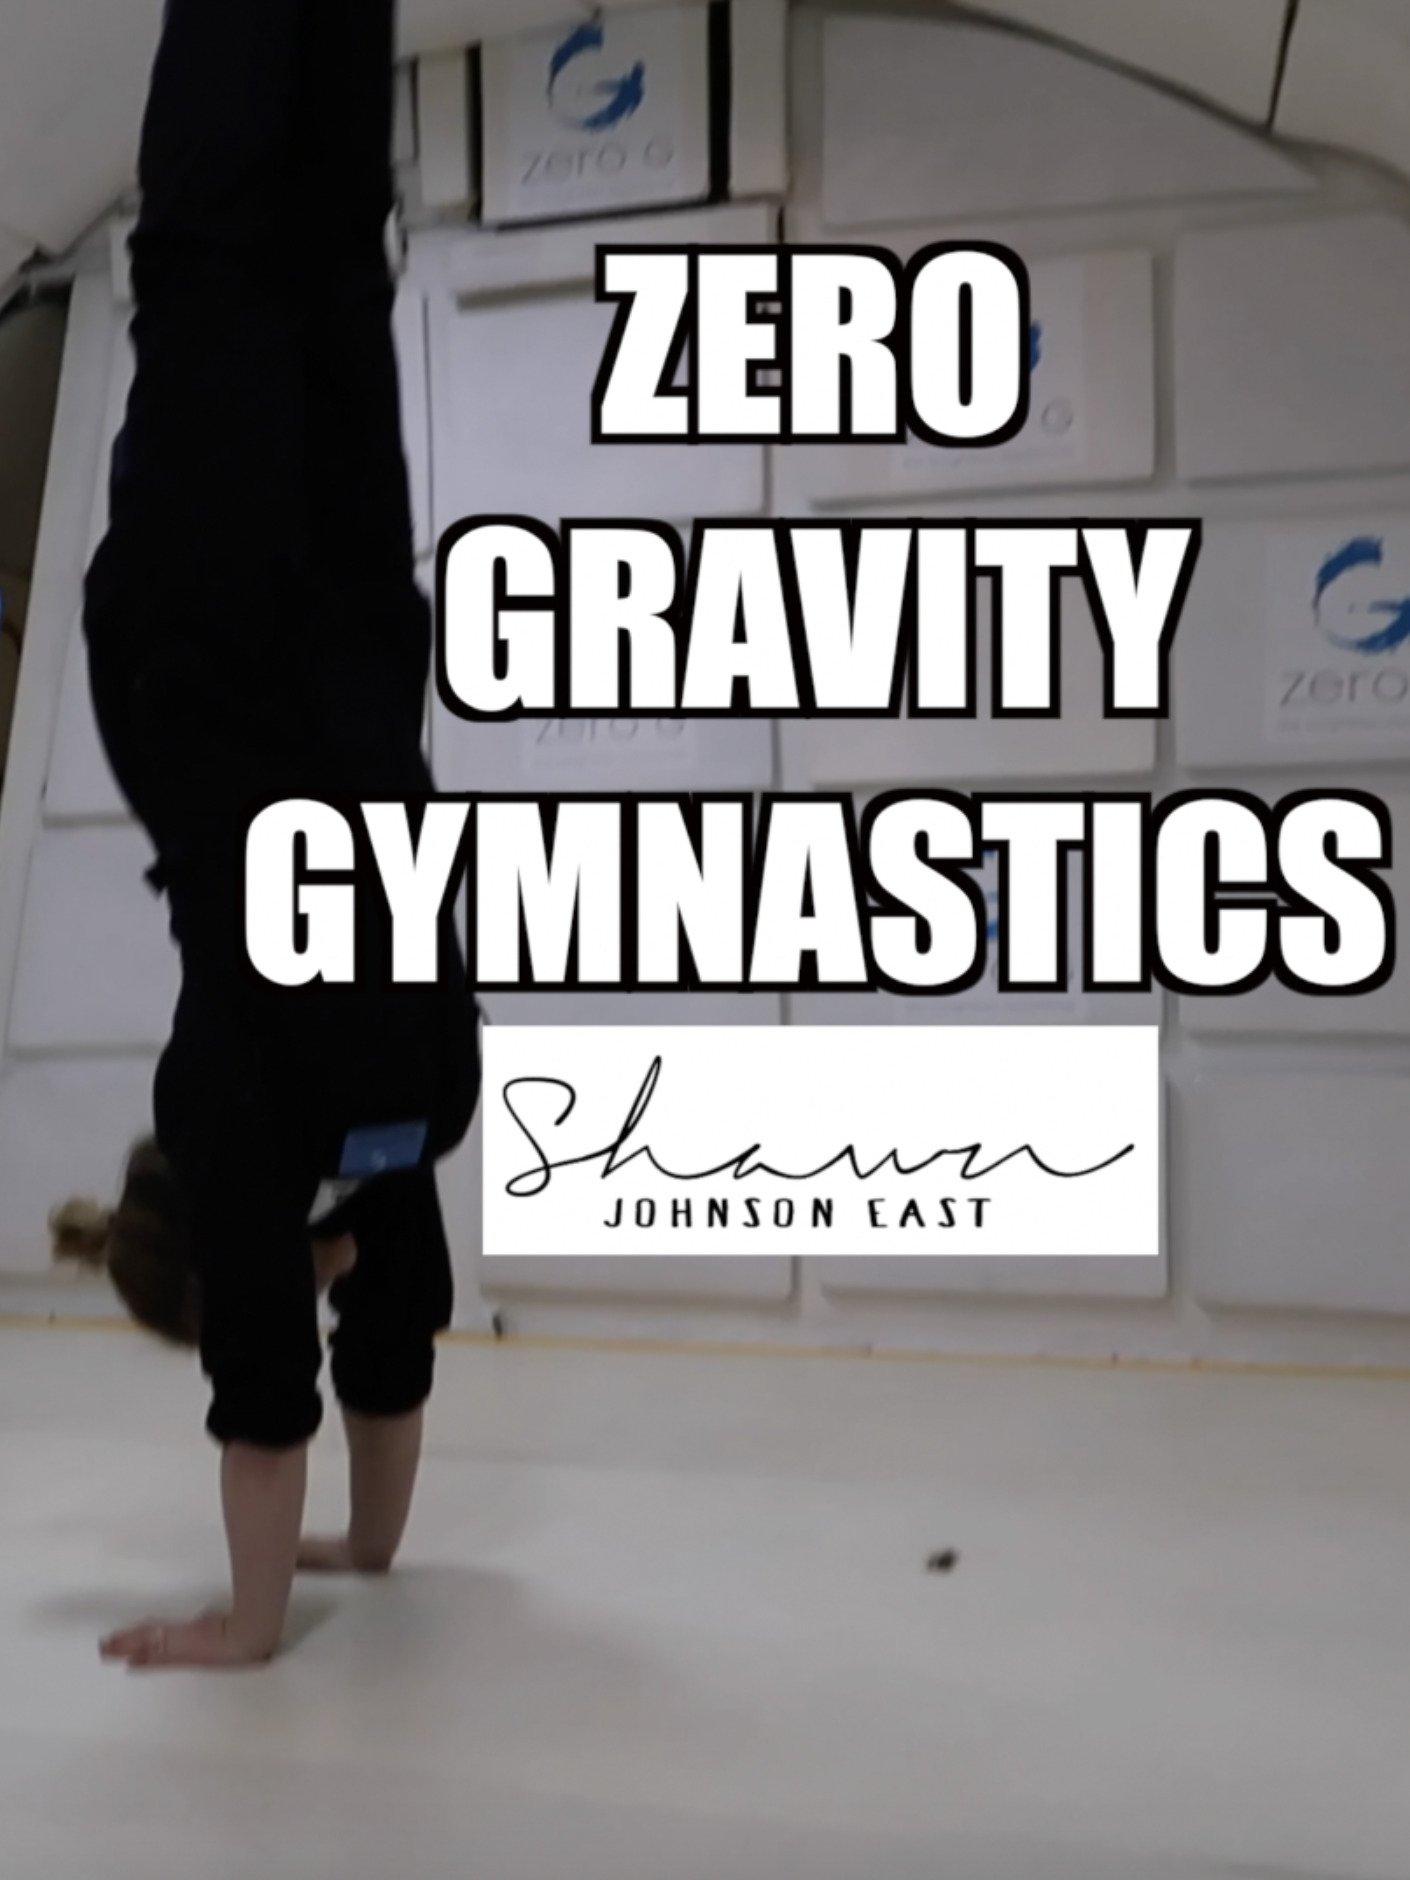 Zero Gravity Gymnastics